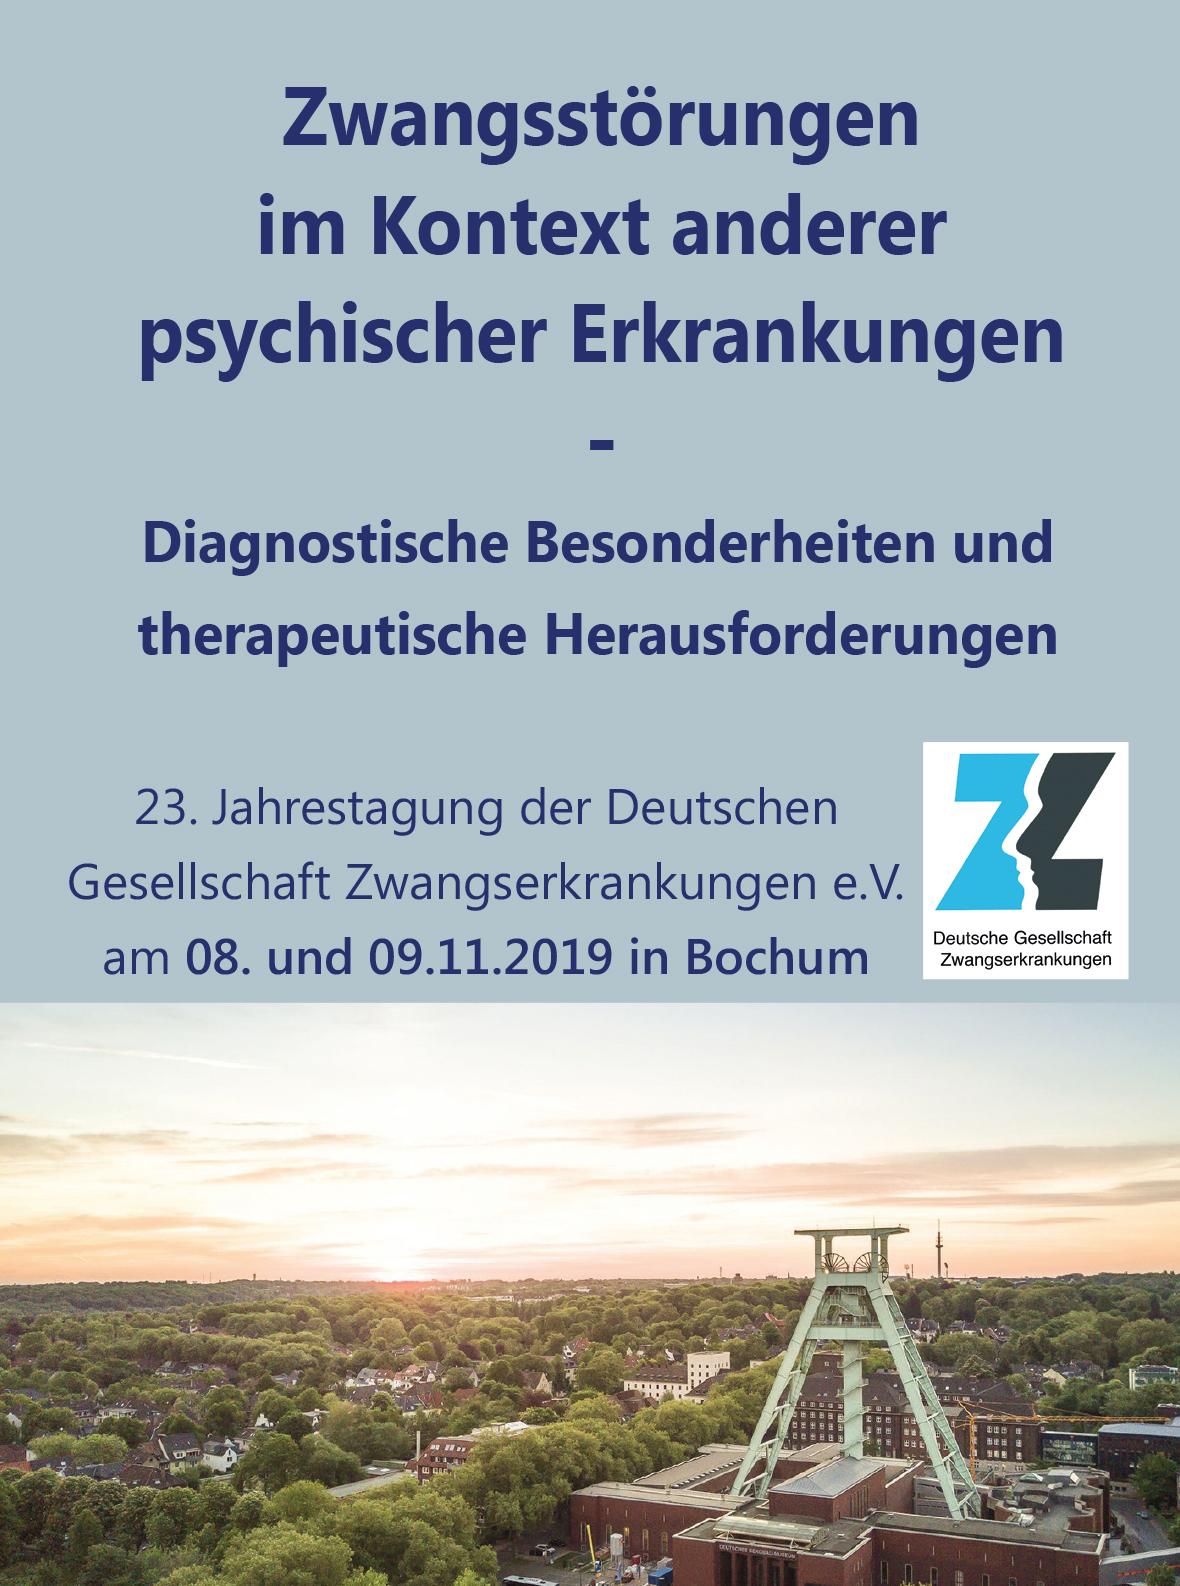 Zwangsstörungen im Kontext anderer psychischer Erkrankungen